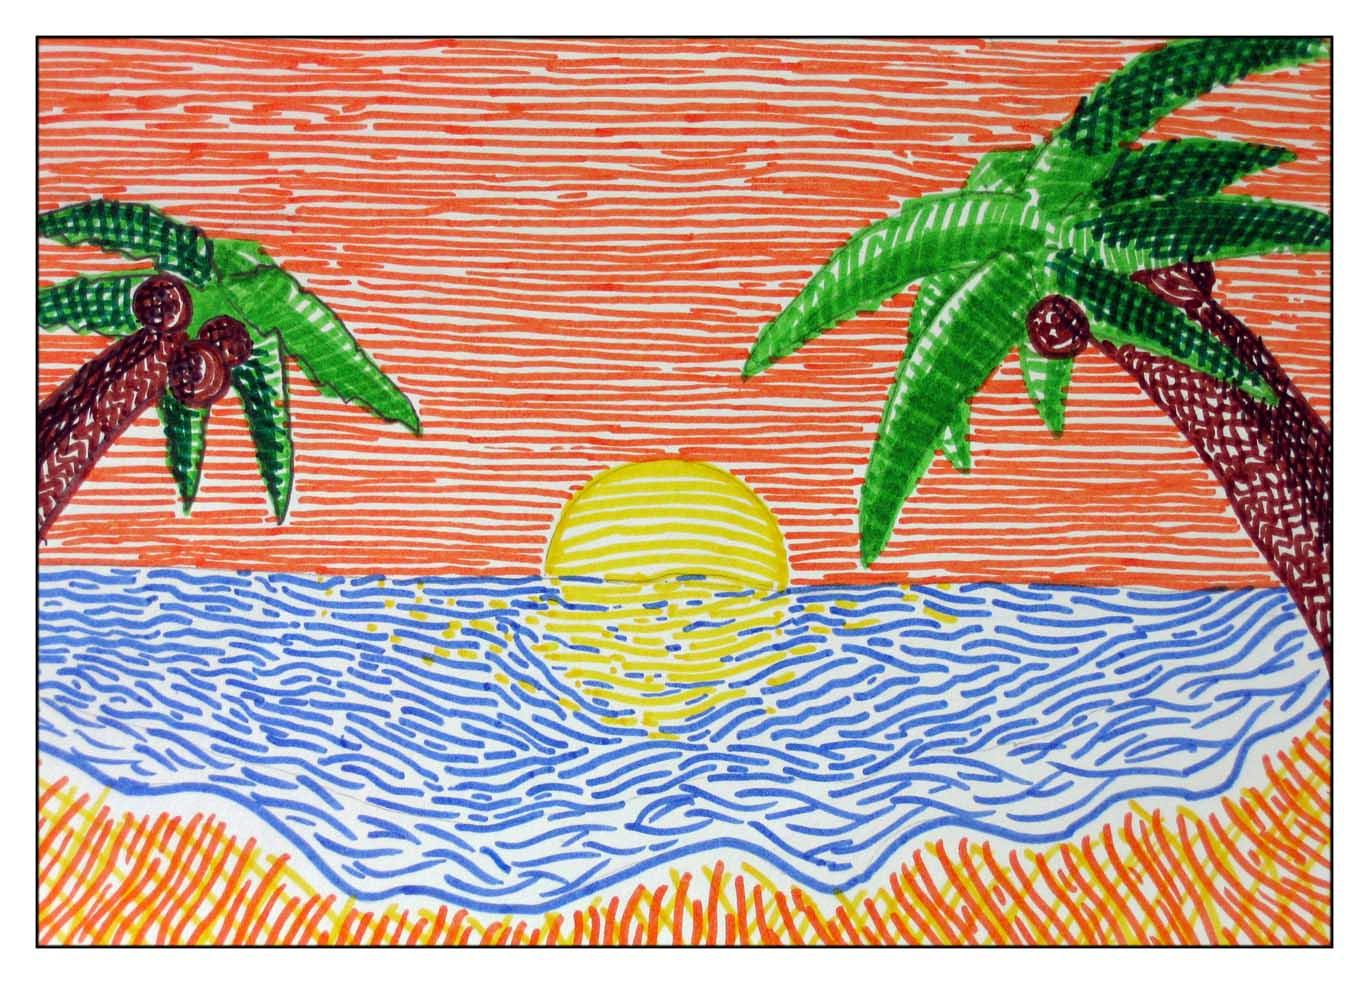 Dibujo De Lineas Paisaje: Acercamiento A Las Artes Visuales: Septiembre 2013